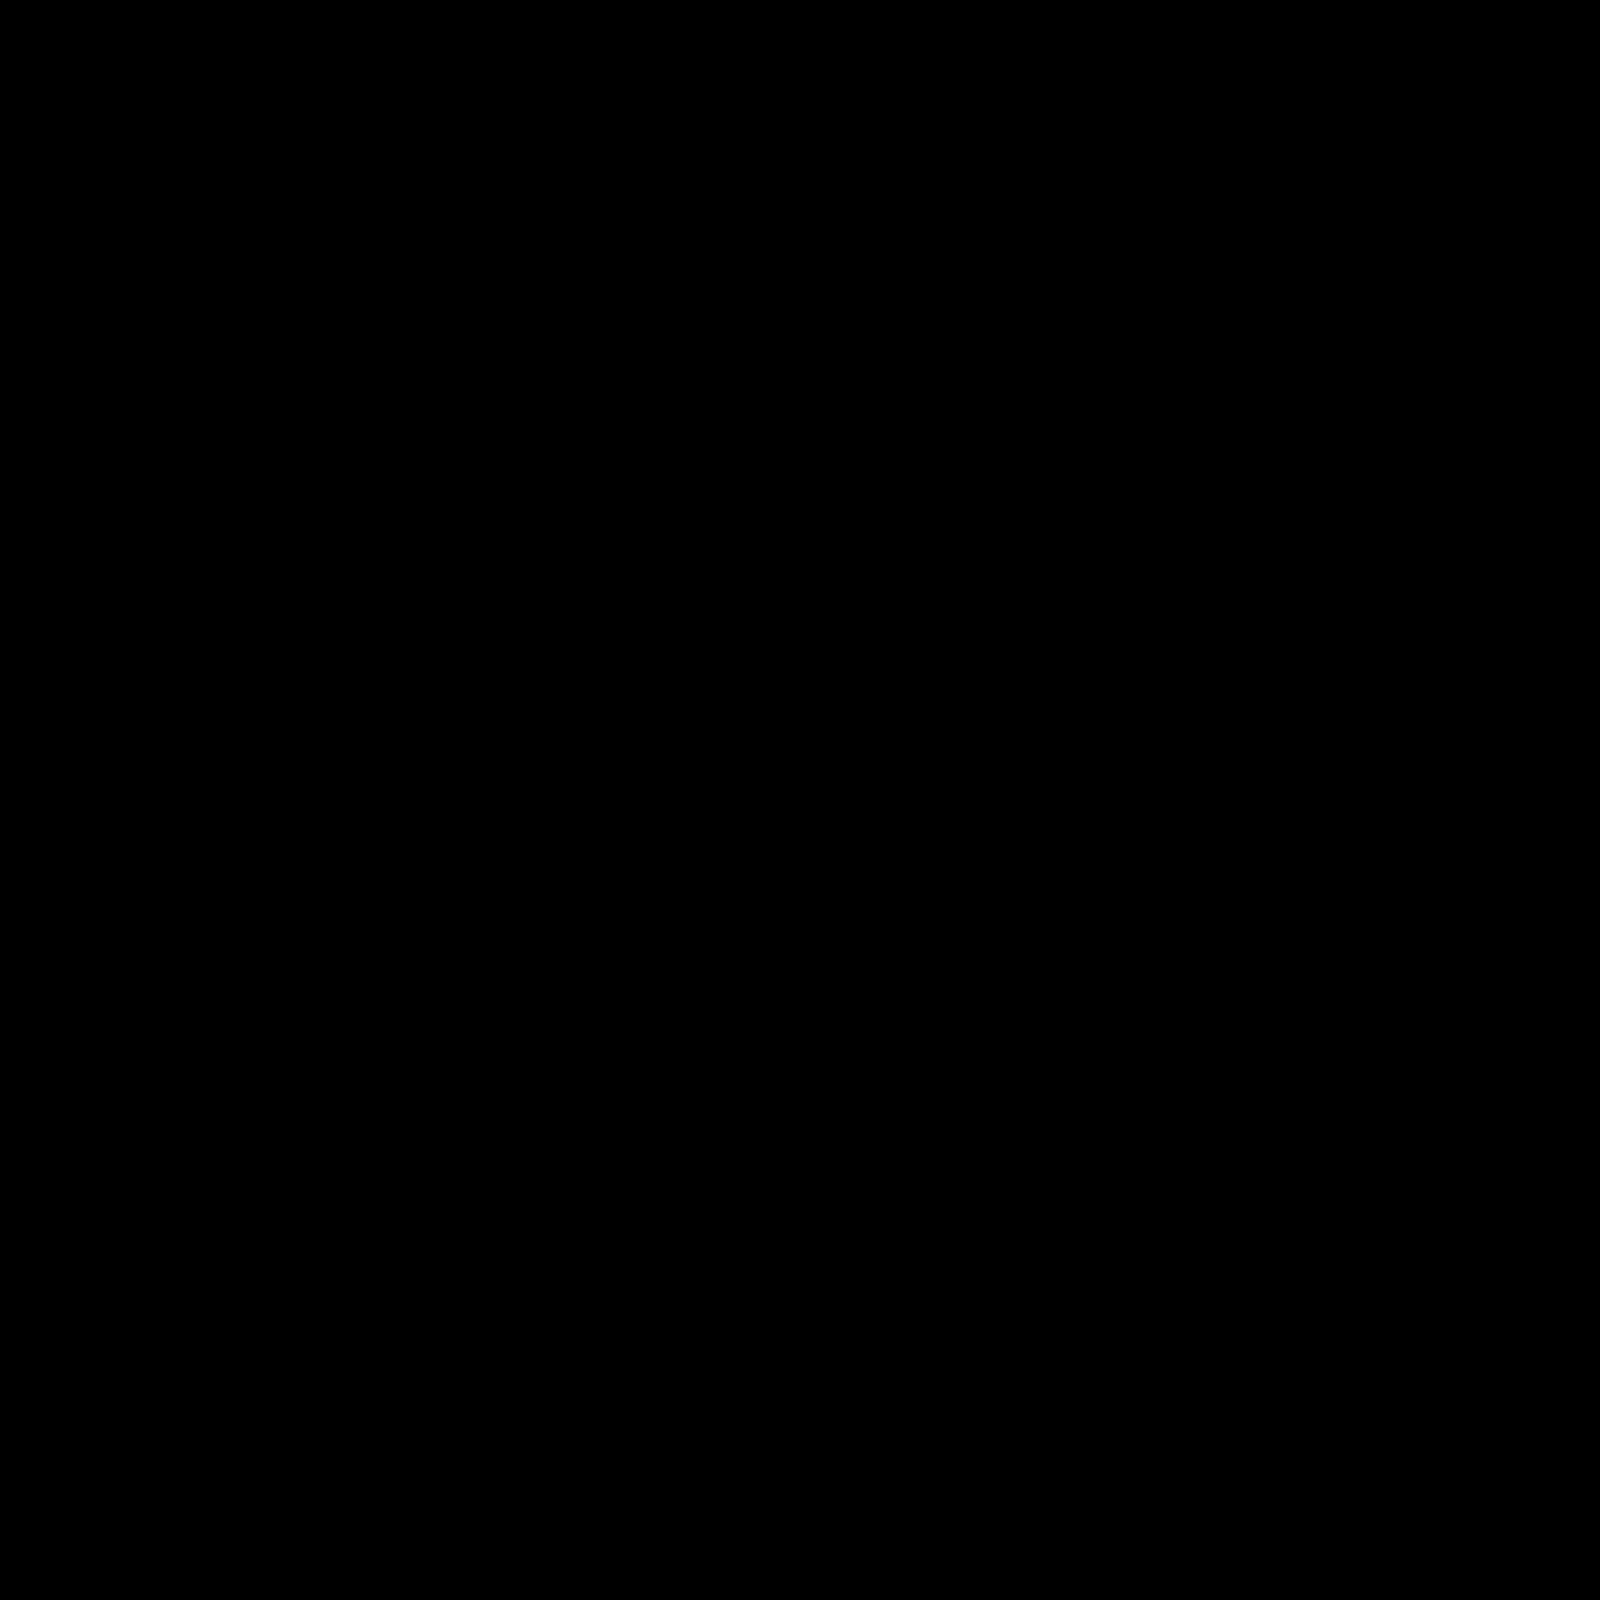 Zamknięcie serwera icon